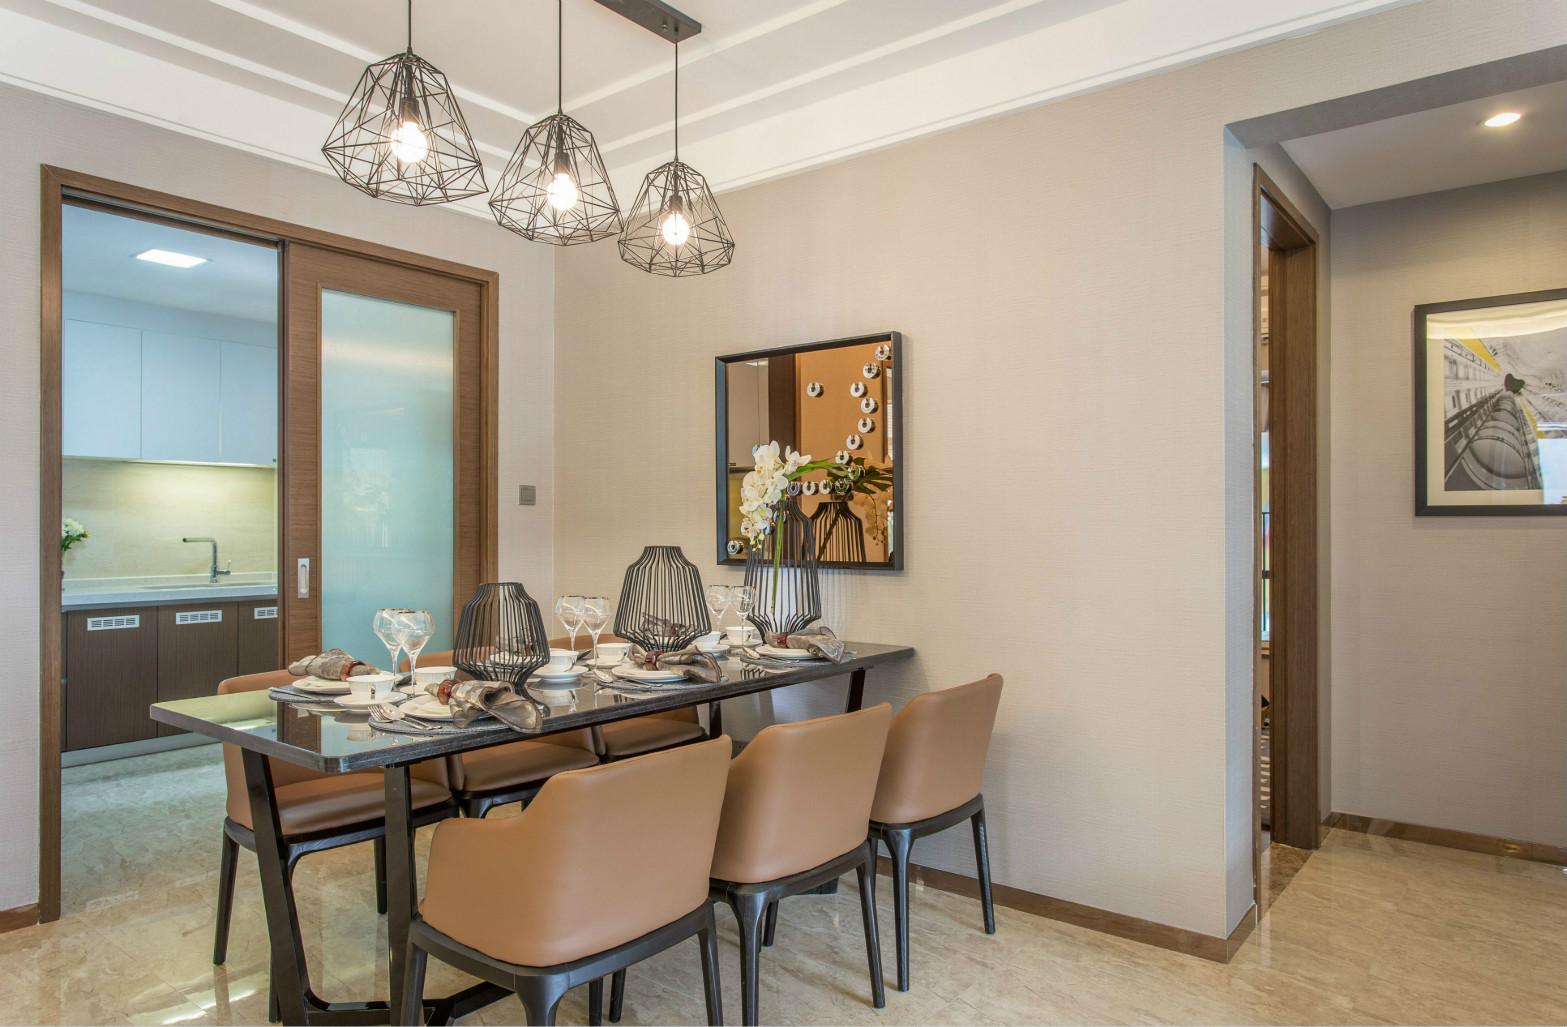 餐厅黑色的茶几搭配棕色的座椅,配上上方三个不规则的吊灯,整个餐厅温馨舒适